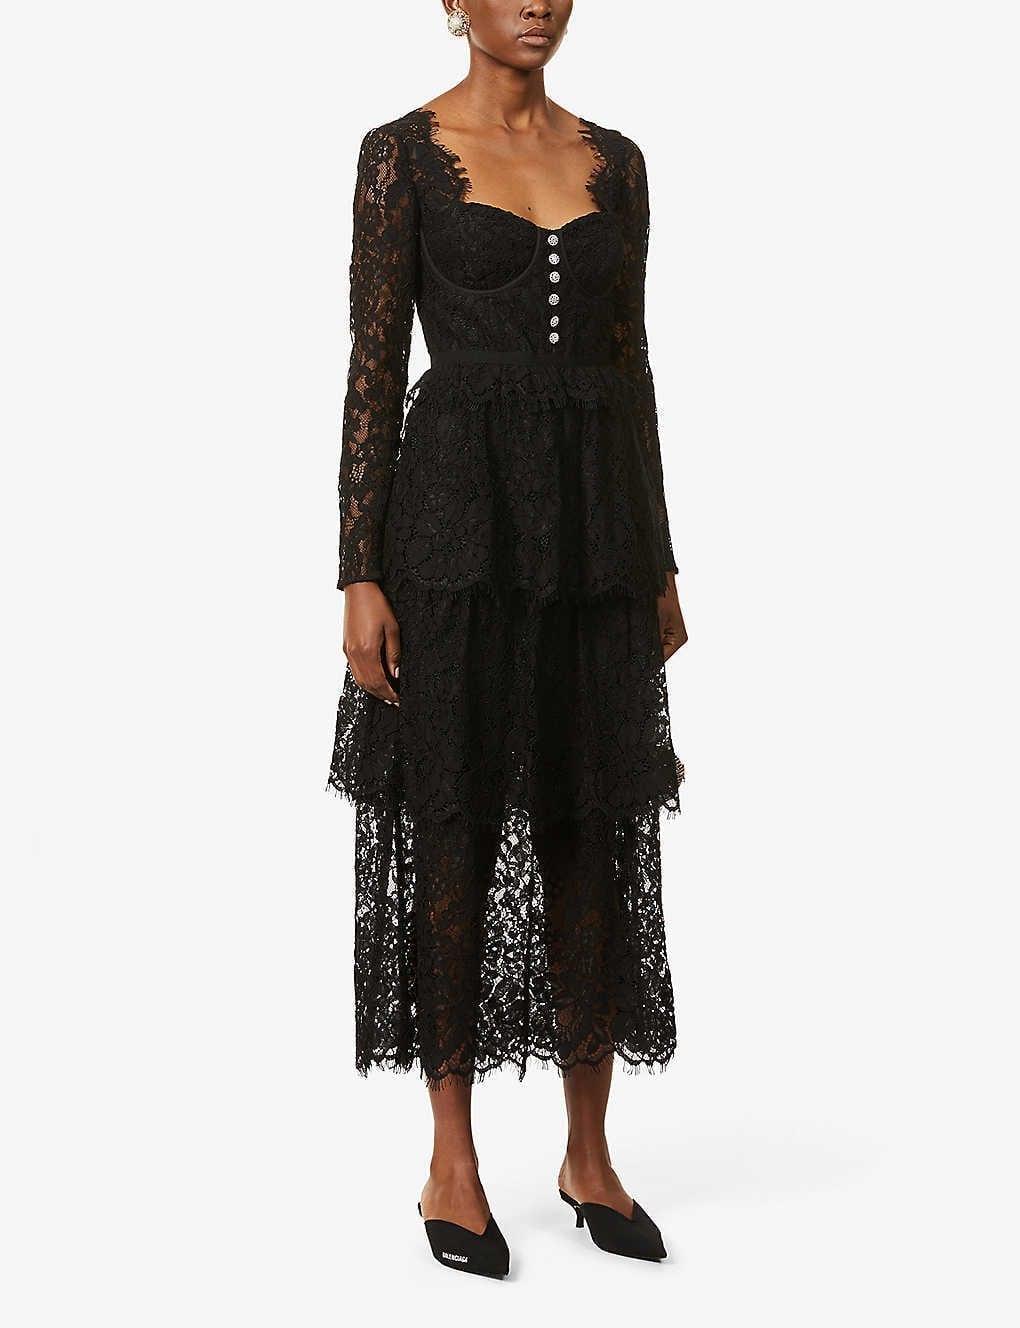 SELF-PORTRAIT Square-neck Floral Lace Midi Dress